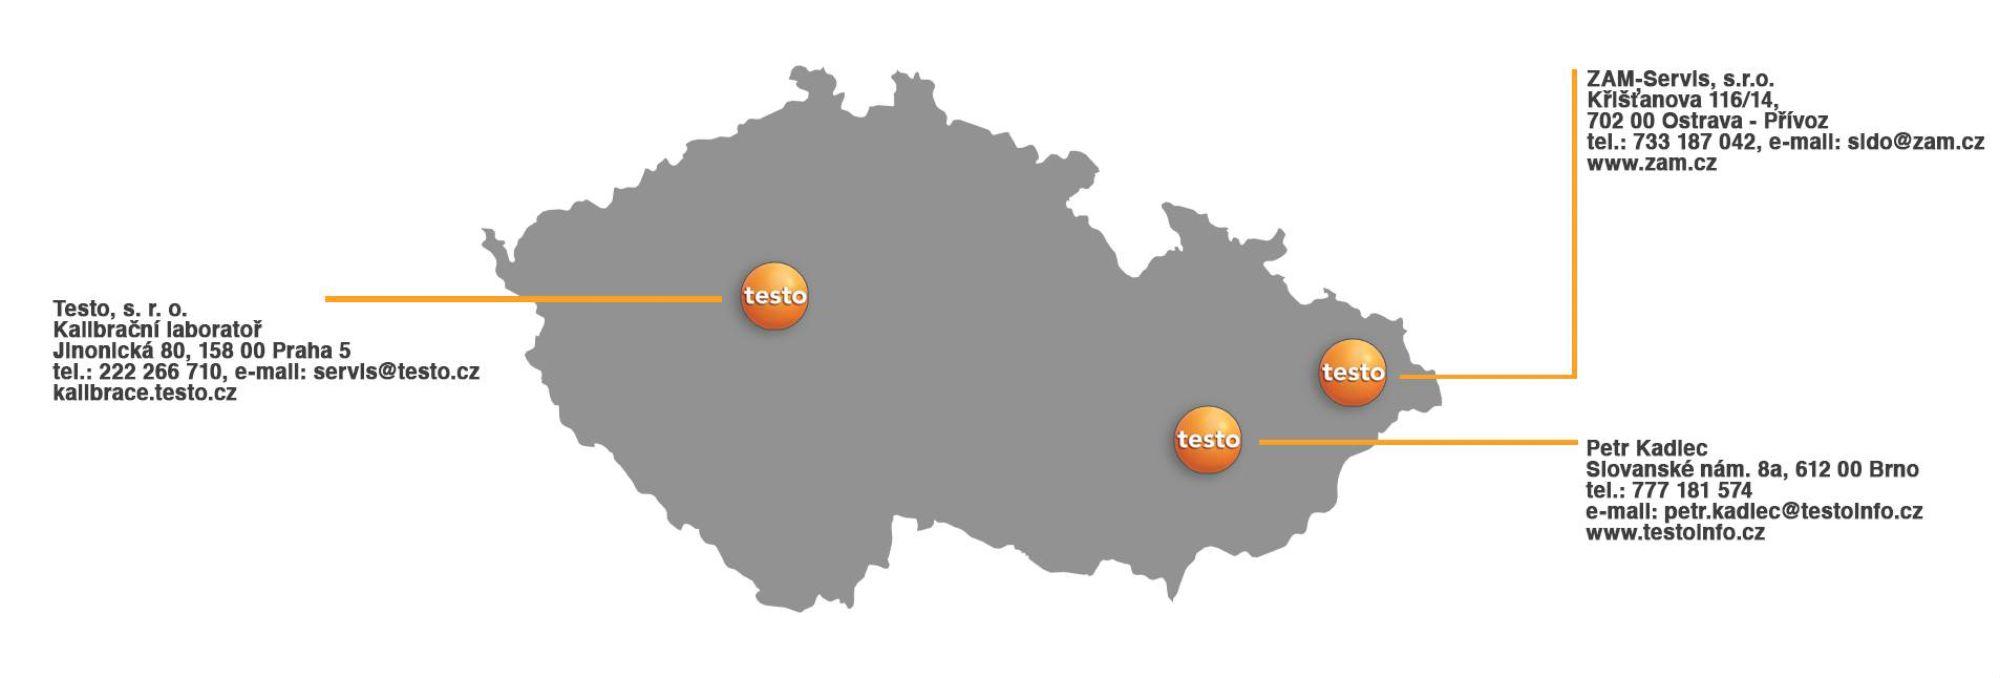 letni-servisni-akce-mapa-1.jpg